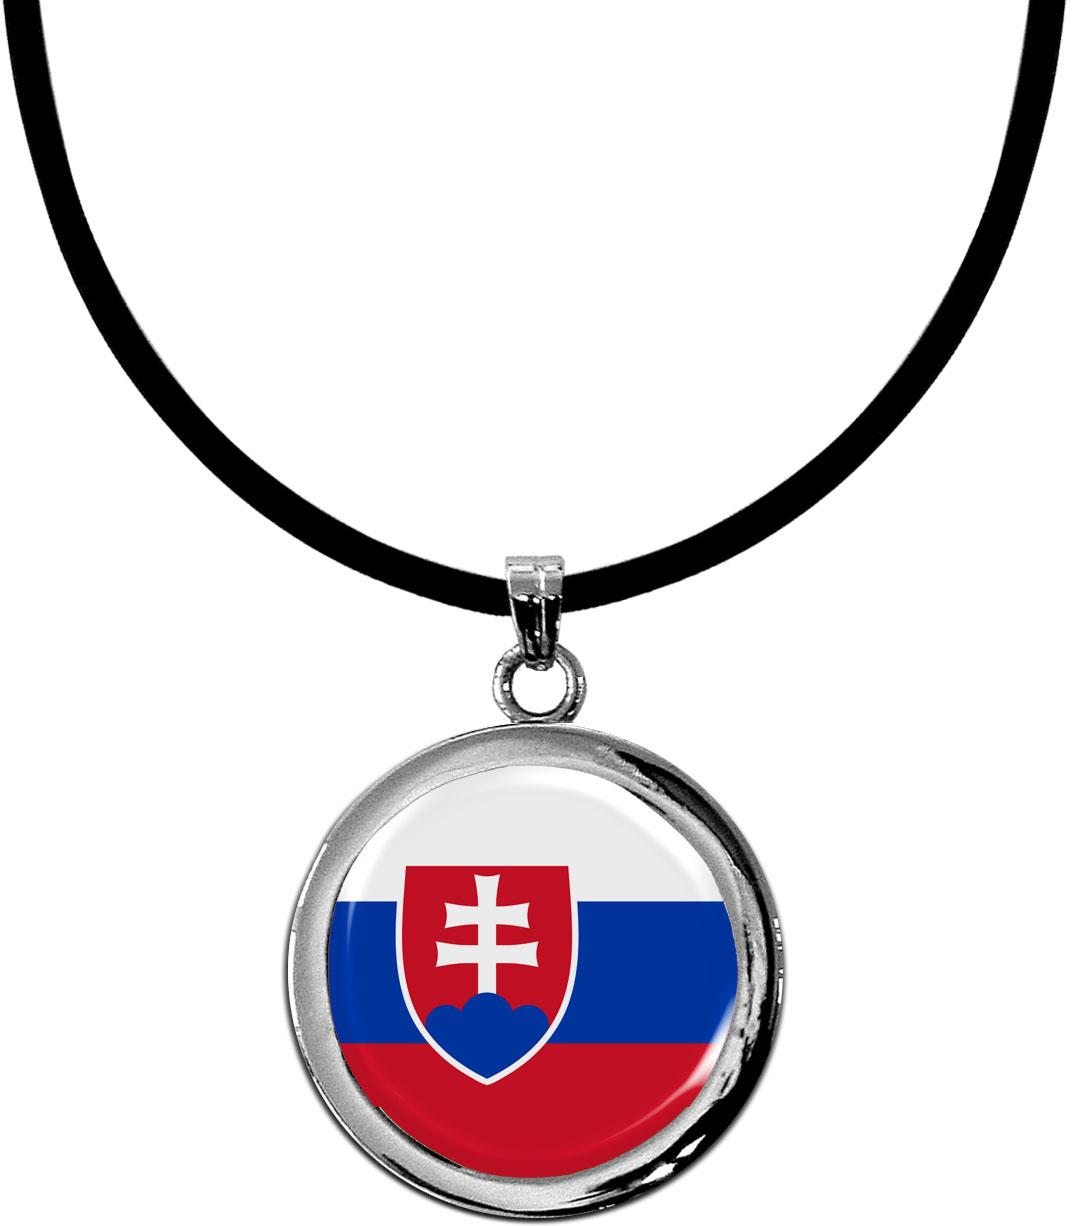 Kettenanhänger / Slowakien / Silikonband mit Silberverschluss